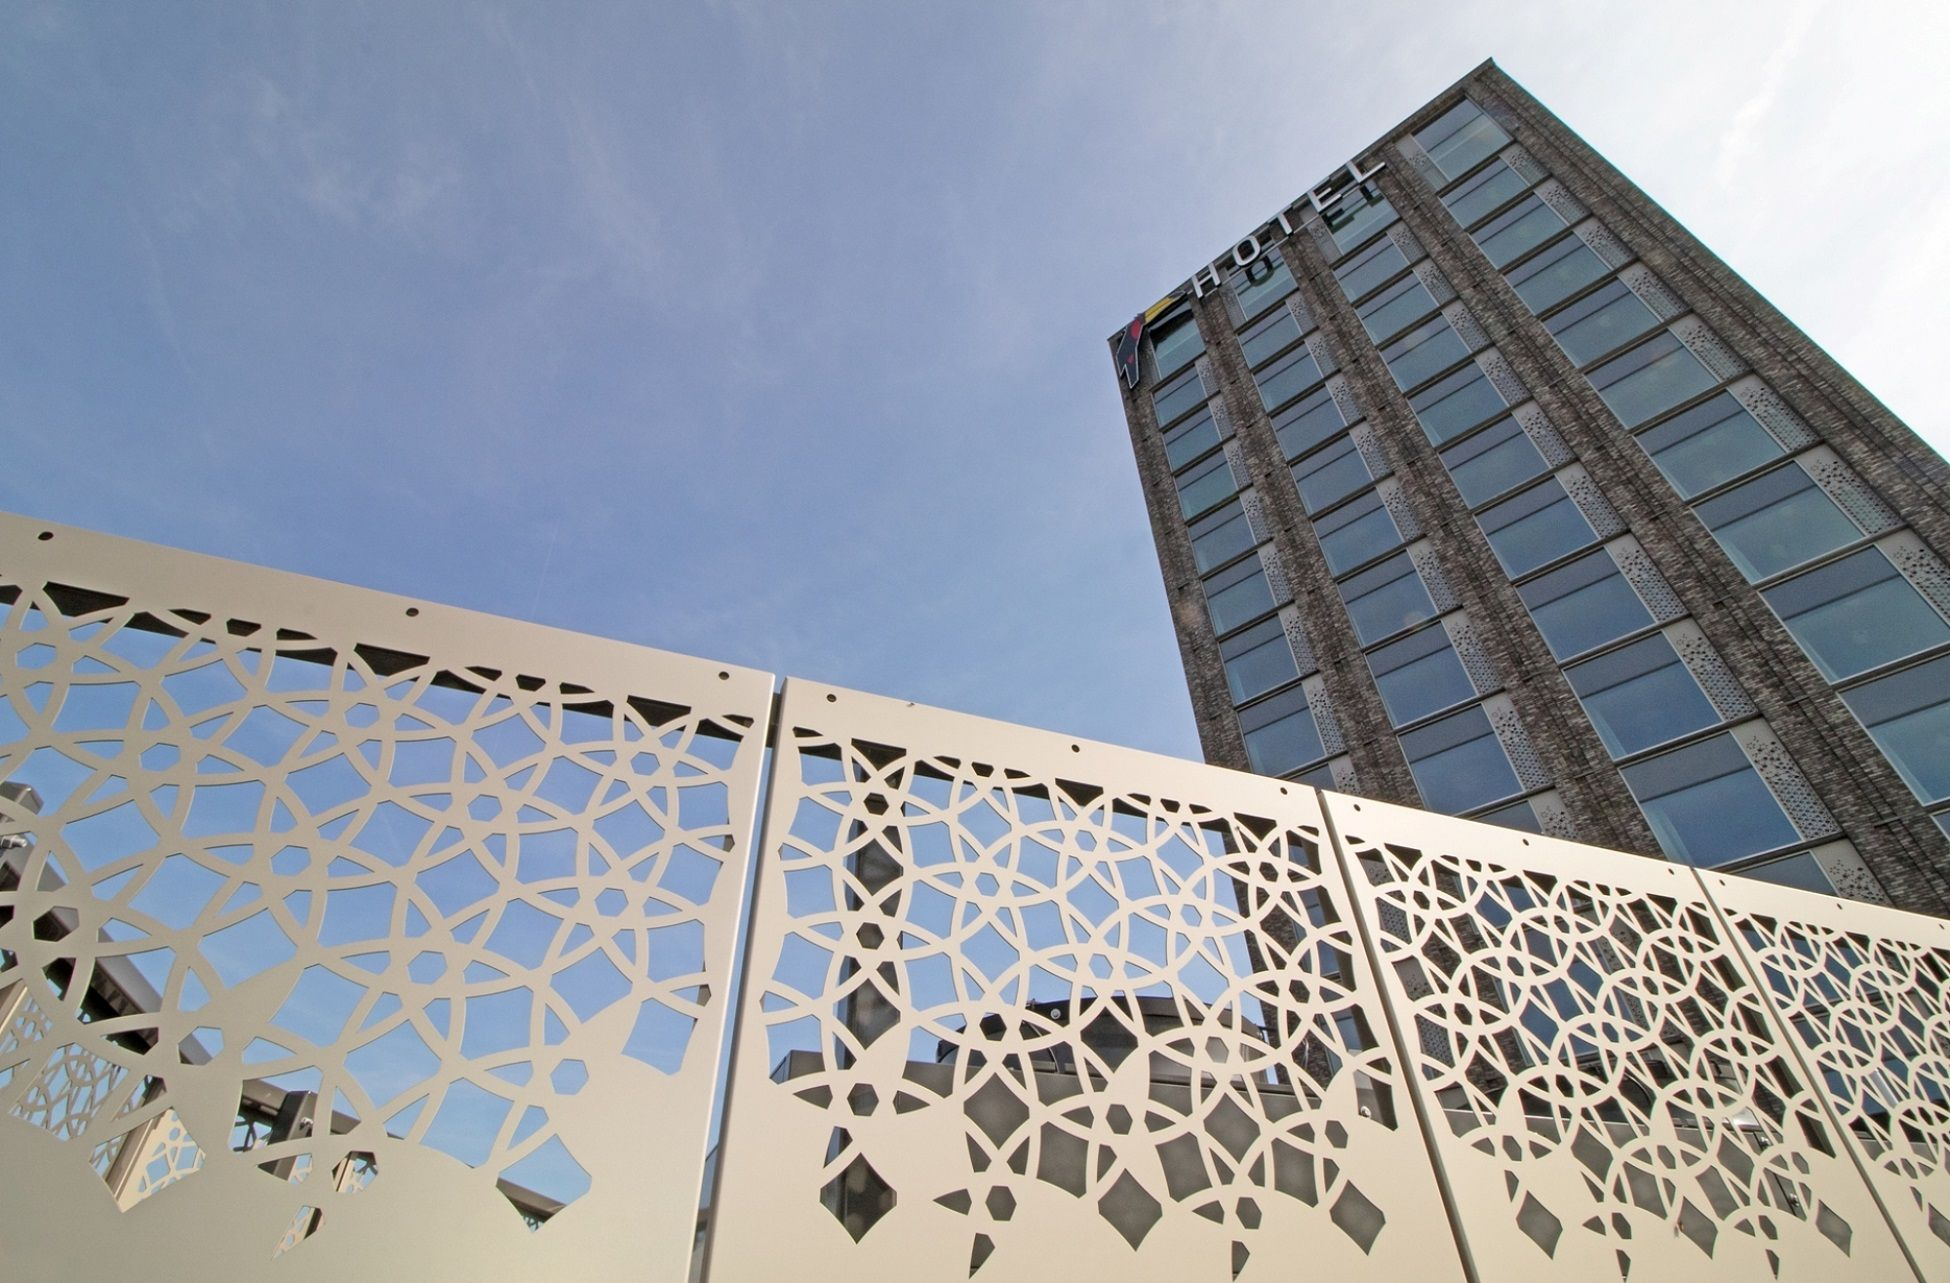 Van Der Valk Hotel Nijmegen Lent Aluminium Hekwerk Voorzien Van Patronen Gerealiseerd Met Art Punch Lasersnijden En 3d Bim Hotel Gevelbekleding Hekwerk